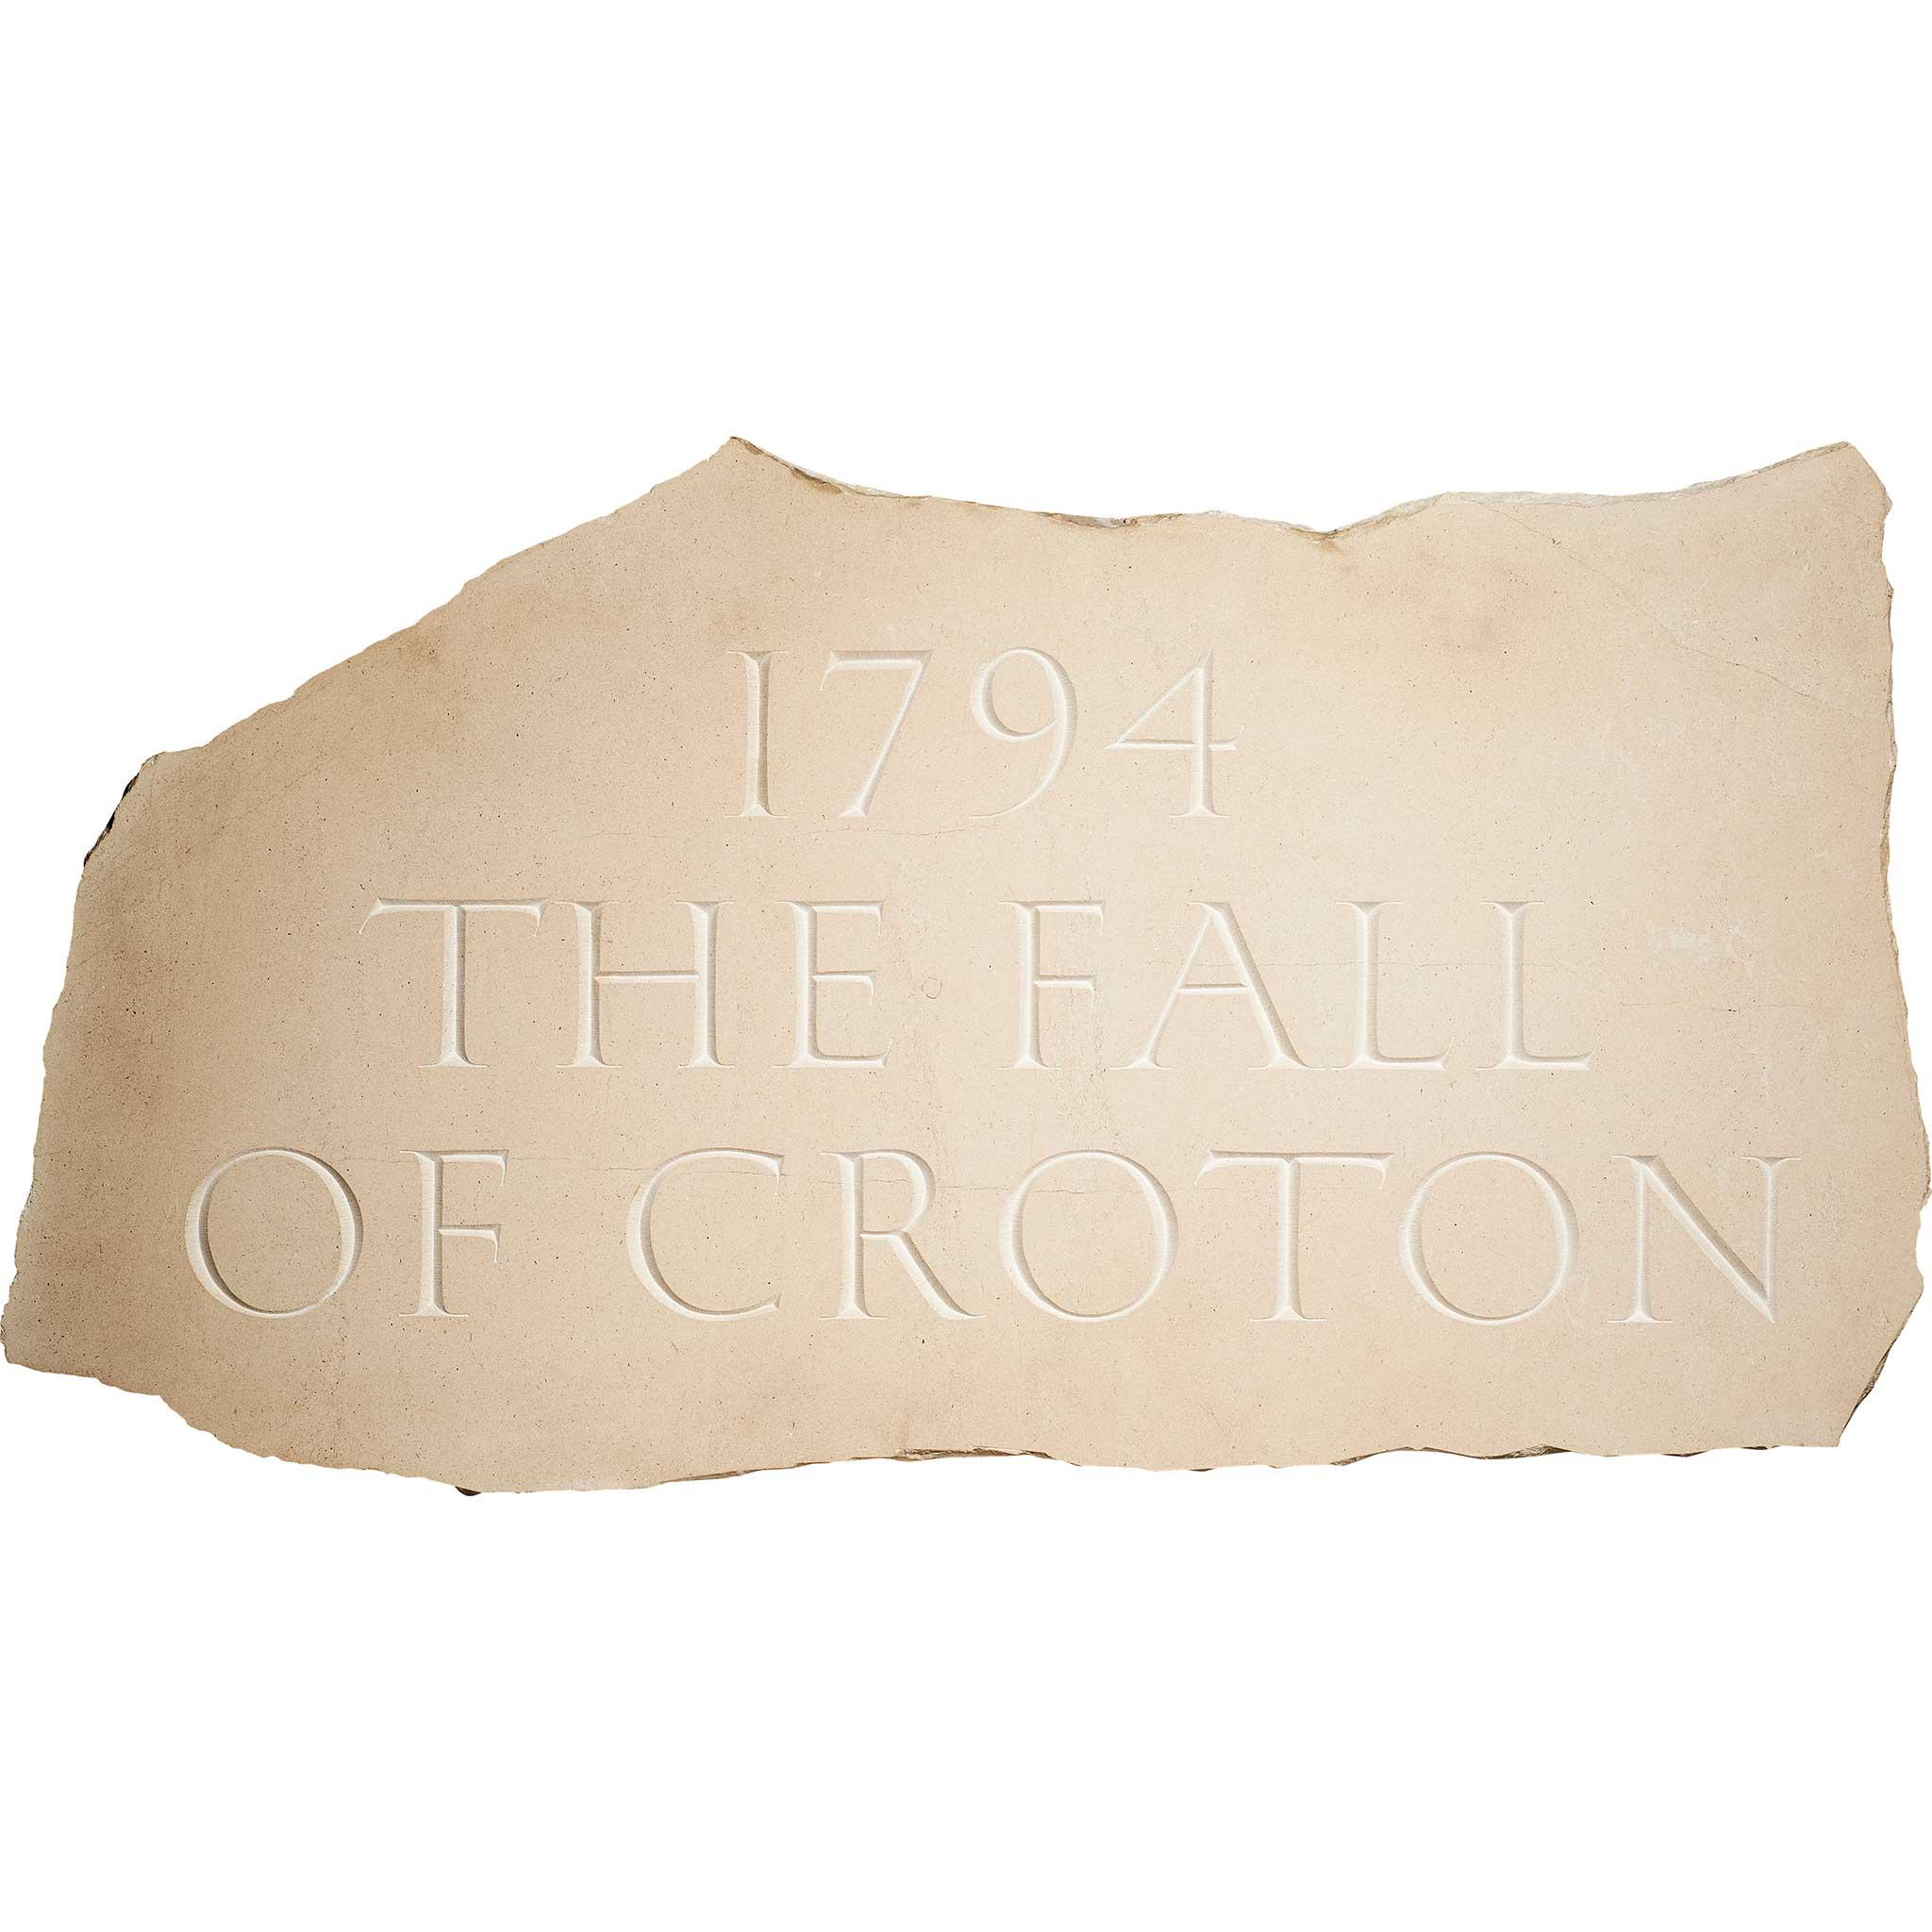 § IAN HAMILTON FINLAY (SCOTTISH 1925-2006) '1794 - THE FALL OF CROTON', 1994 - Image 2 of 3